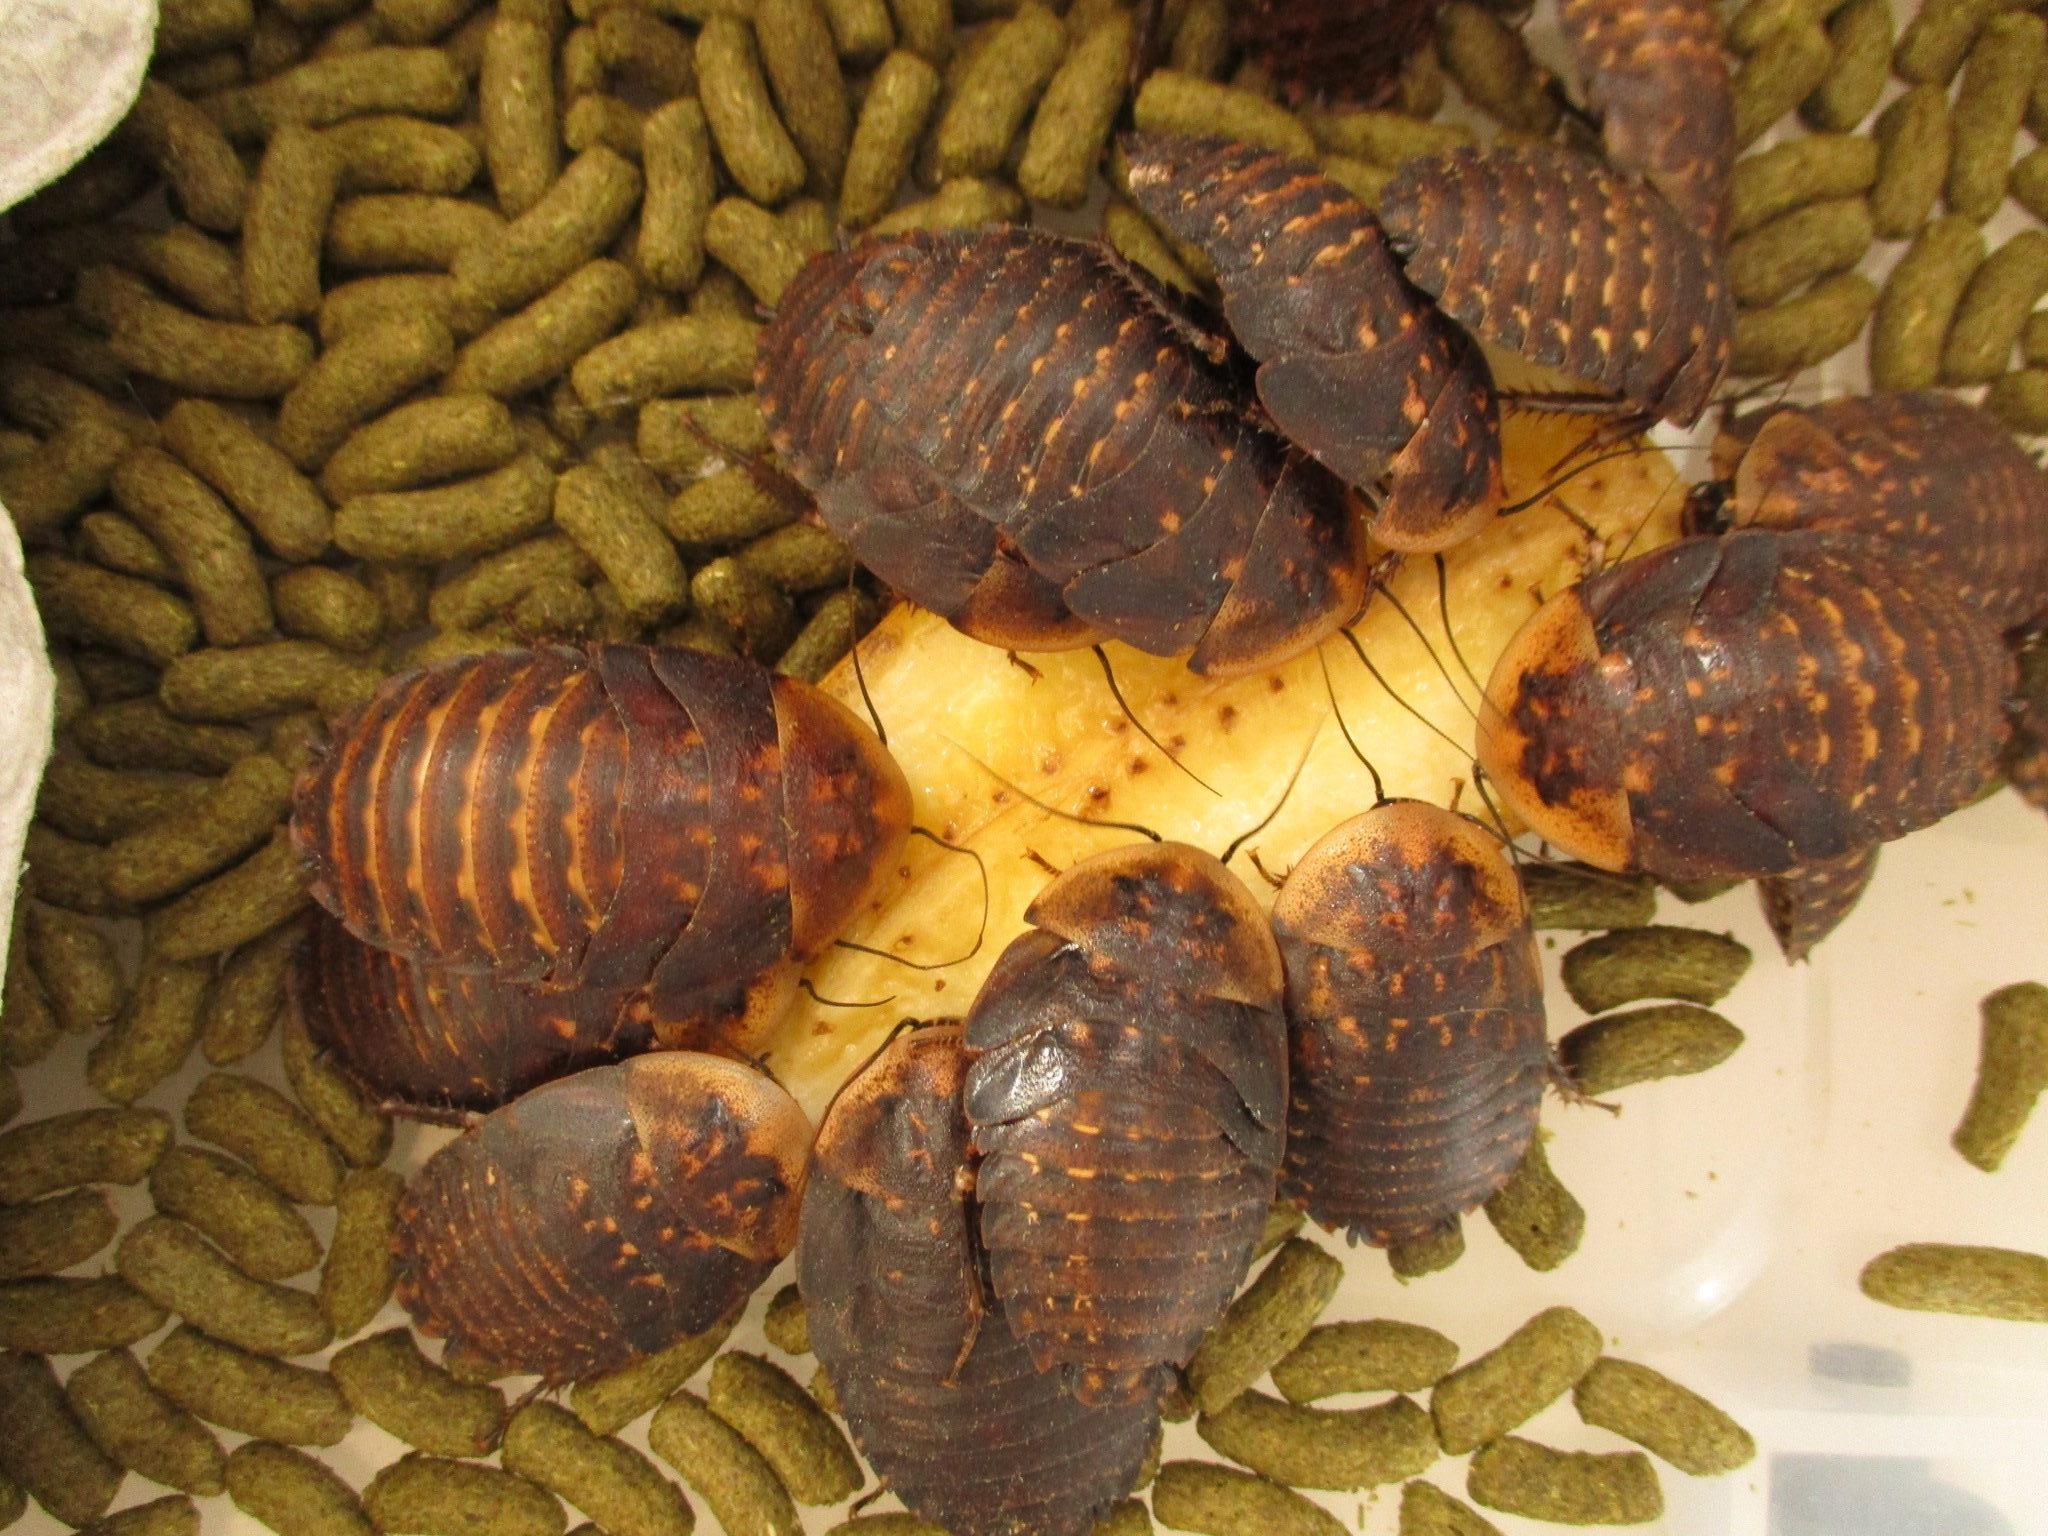 ブラベルスアトロポス 幼虫 食事中